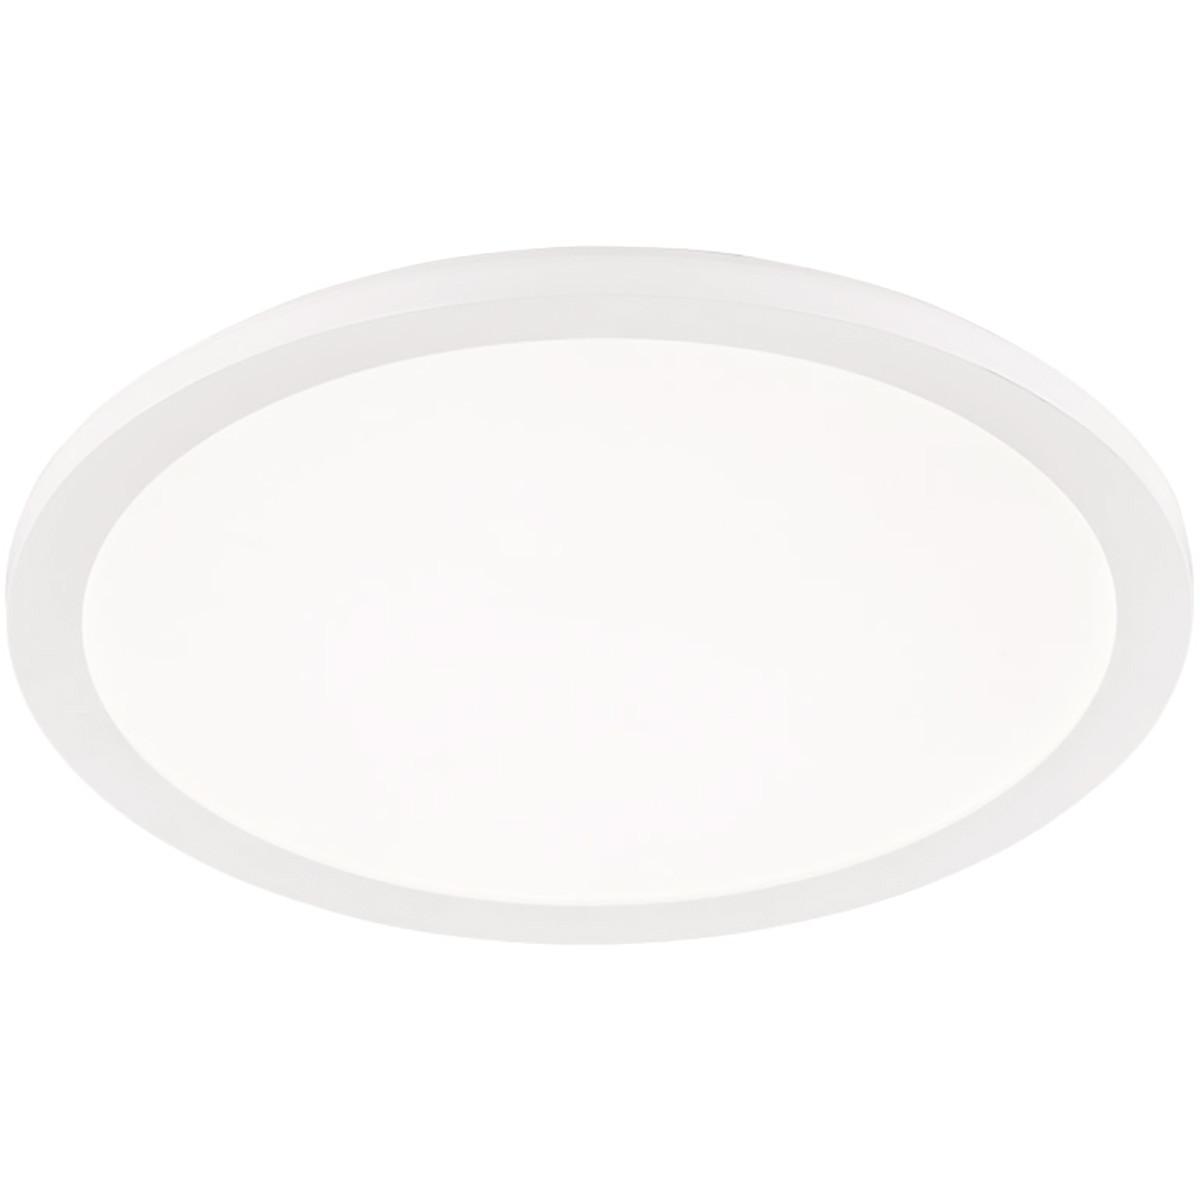 LED Plafondlamp - Trion Camy - Opbouw Rond 24W - Spatwaterdicht IP44 - Dimbaar - Warm Wit 3000K - Ma